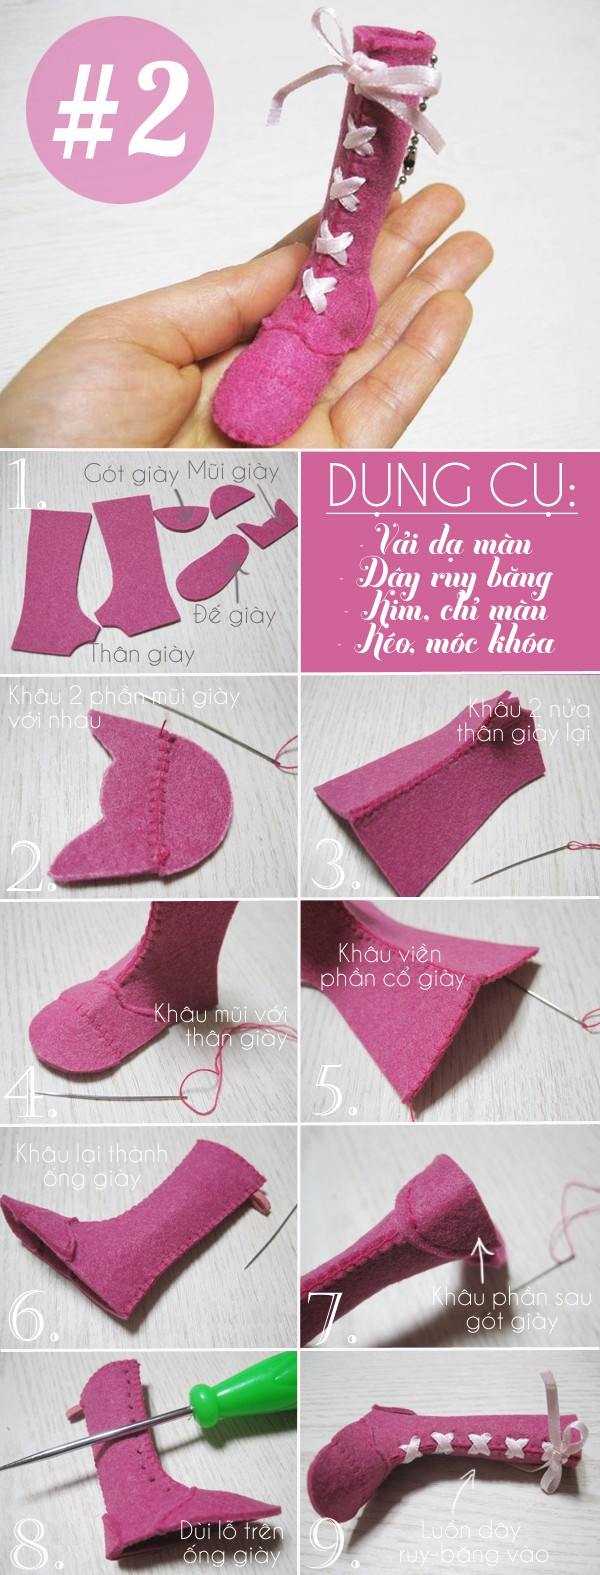 3 cách làm móc khóa hình chiếc giày đáng yêu